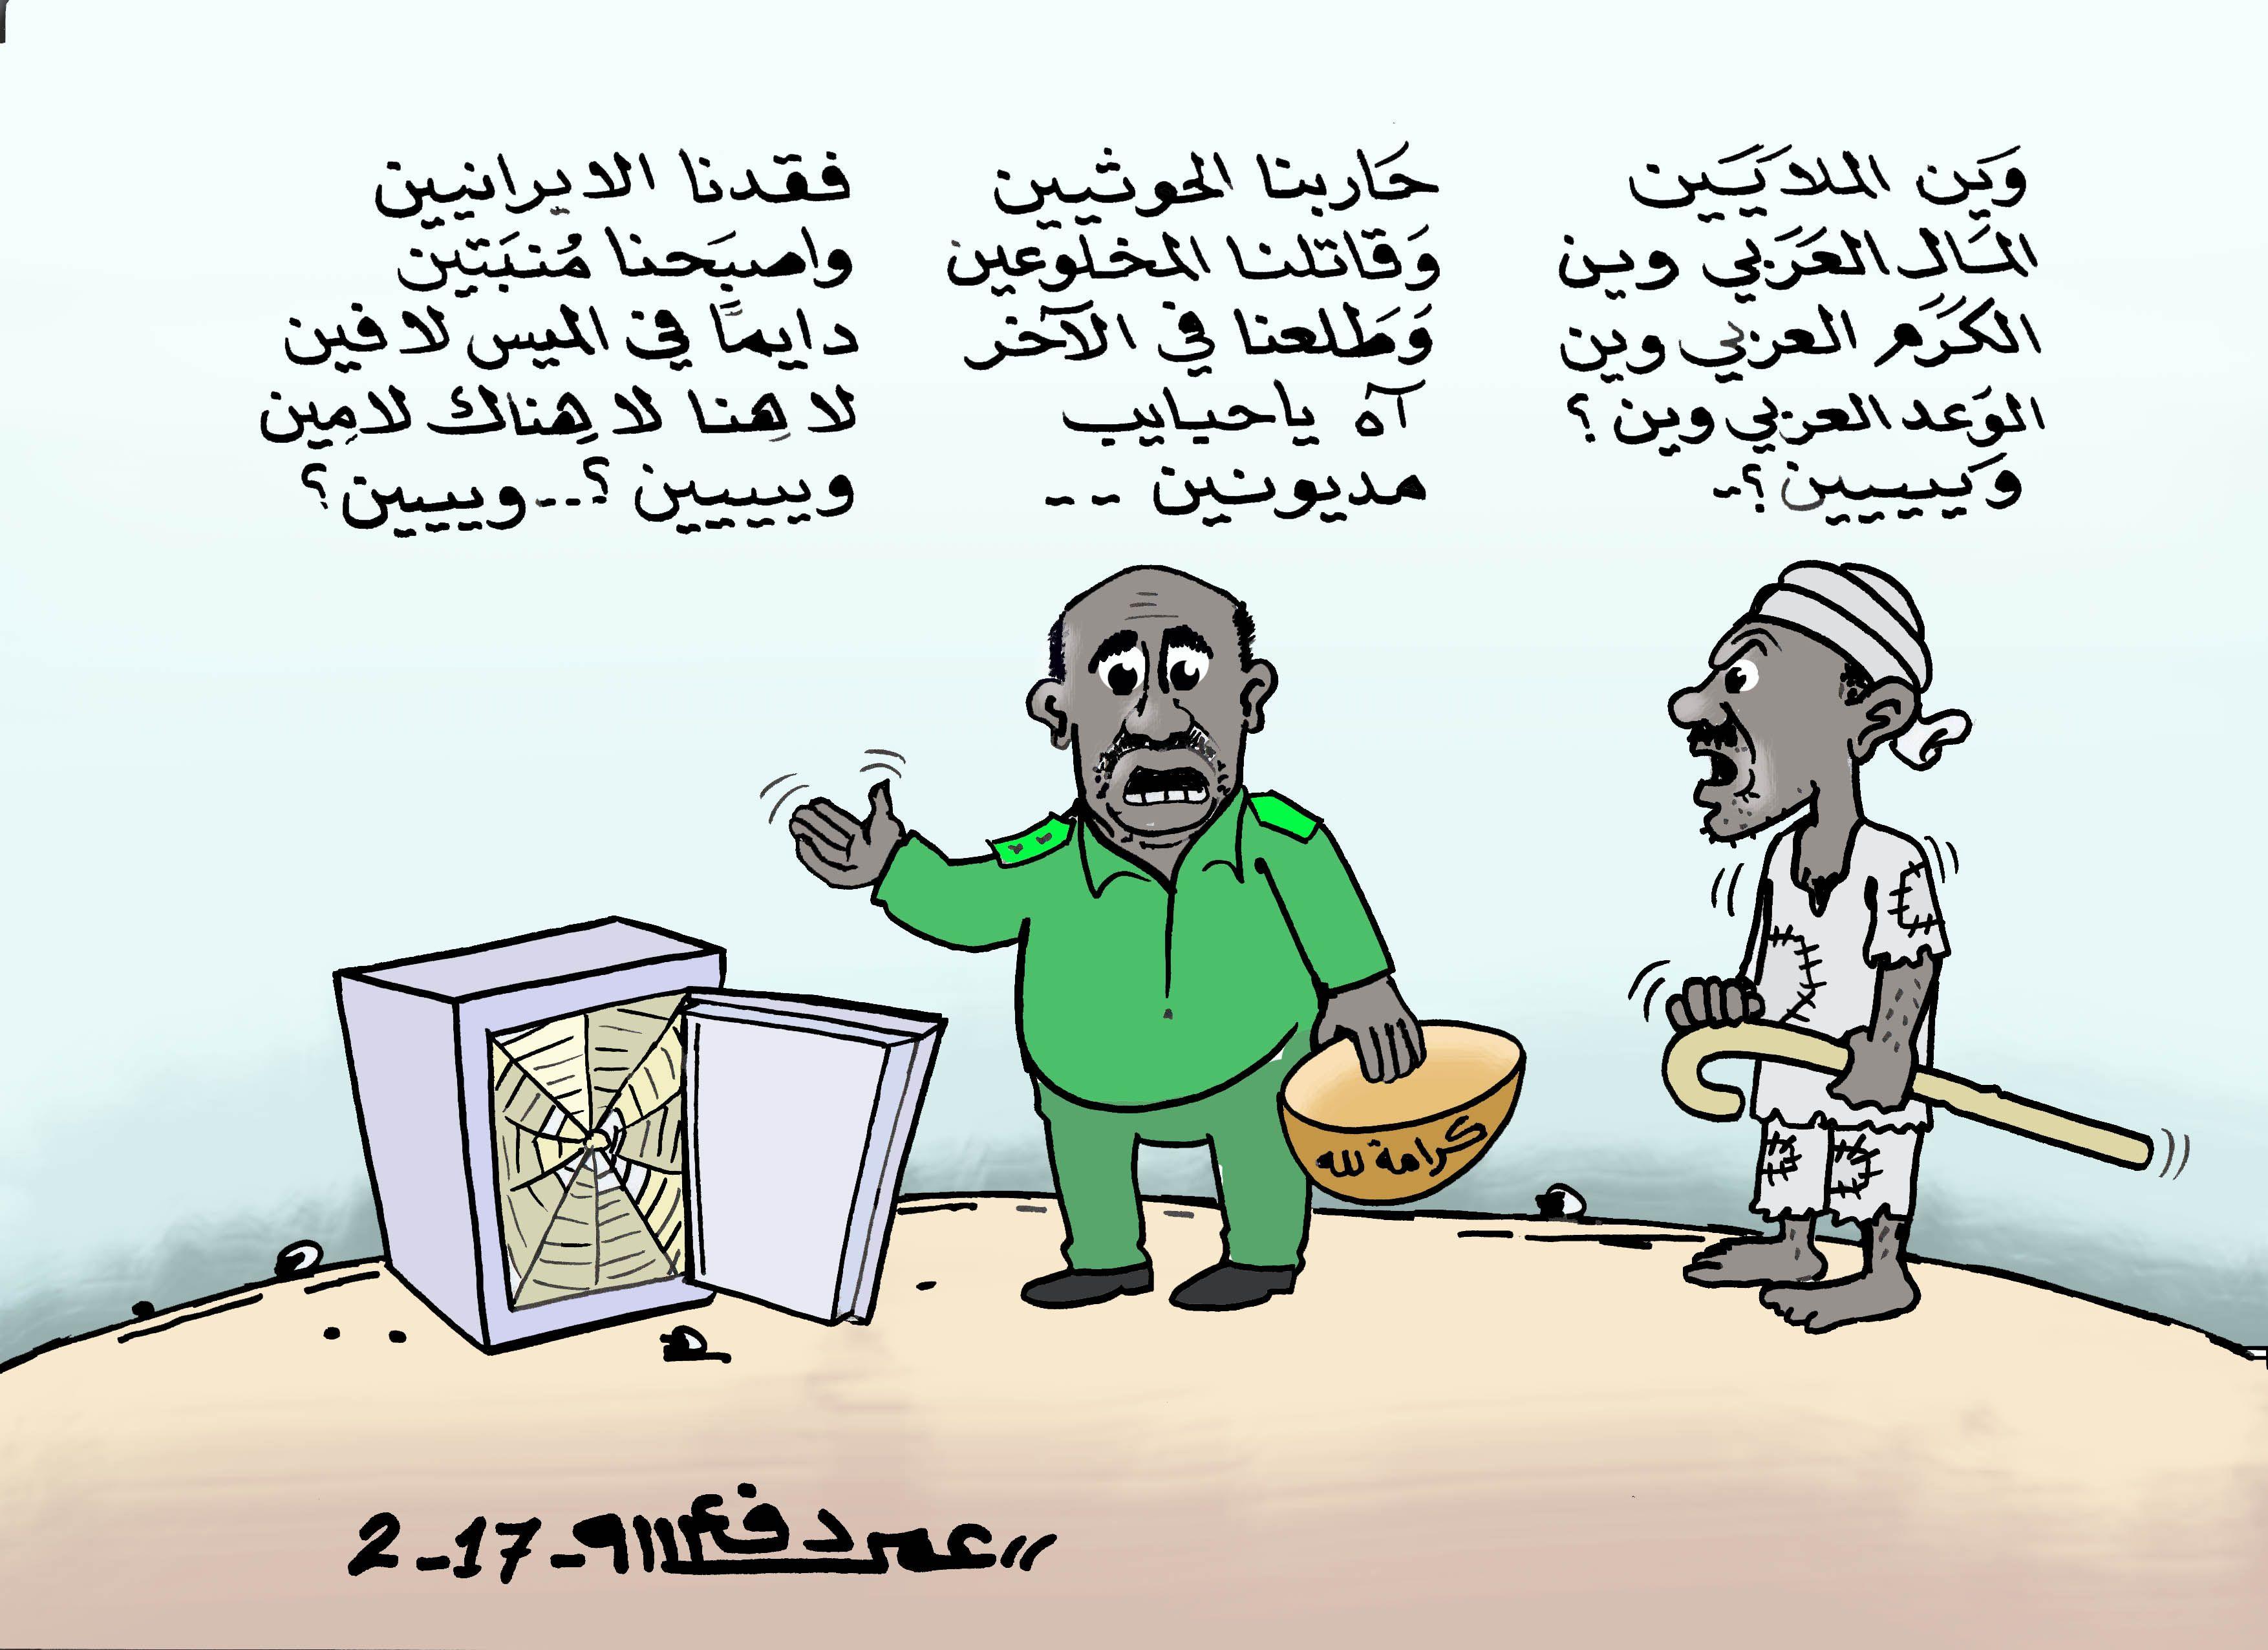 كاركاتير اليوم الموافق 10 فبراير 2017 للفنان عمر دفع الله